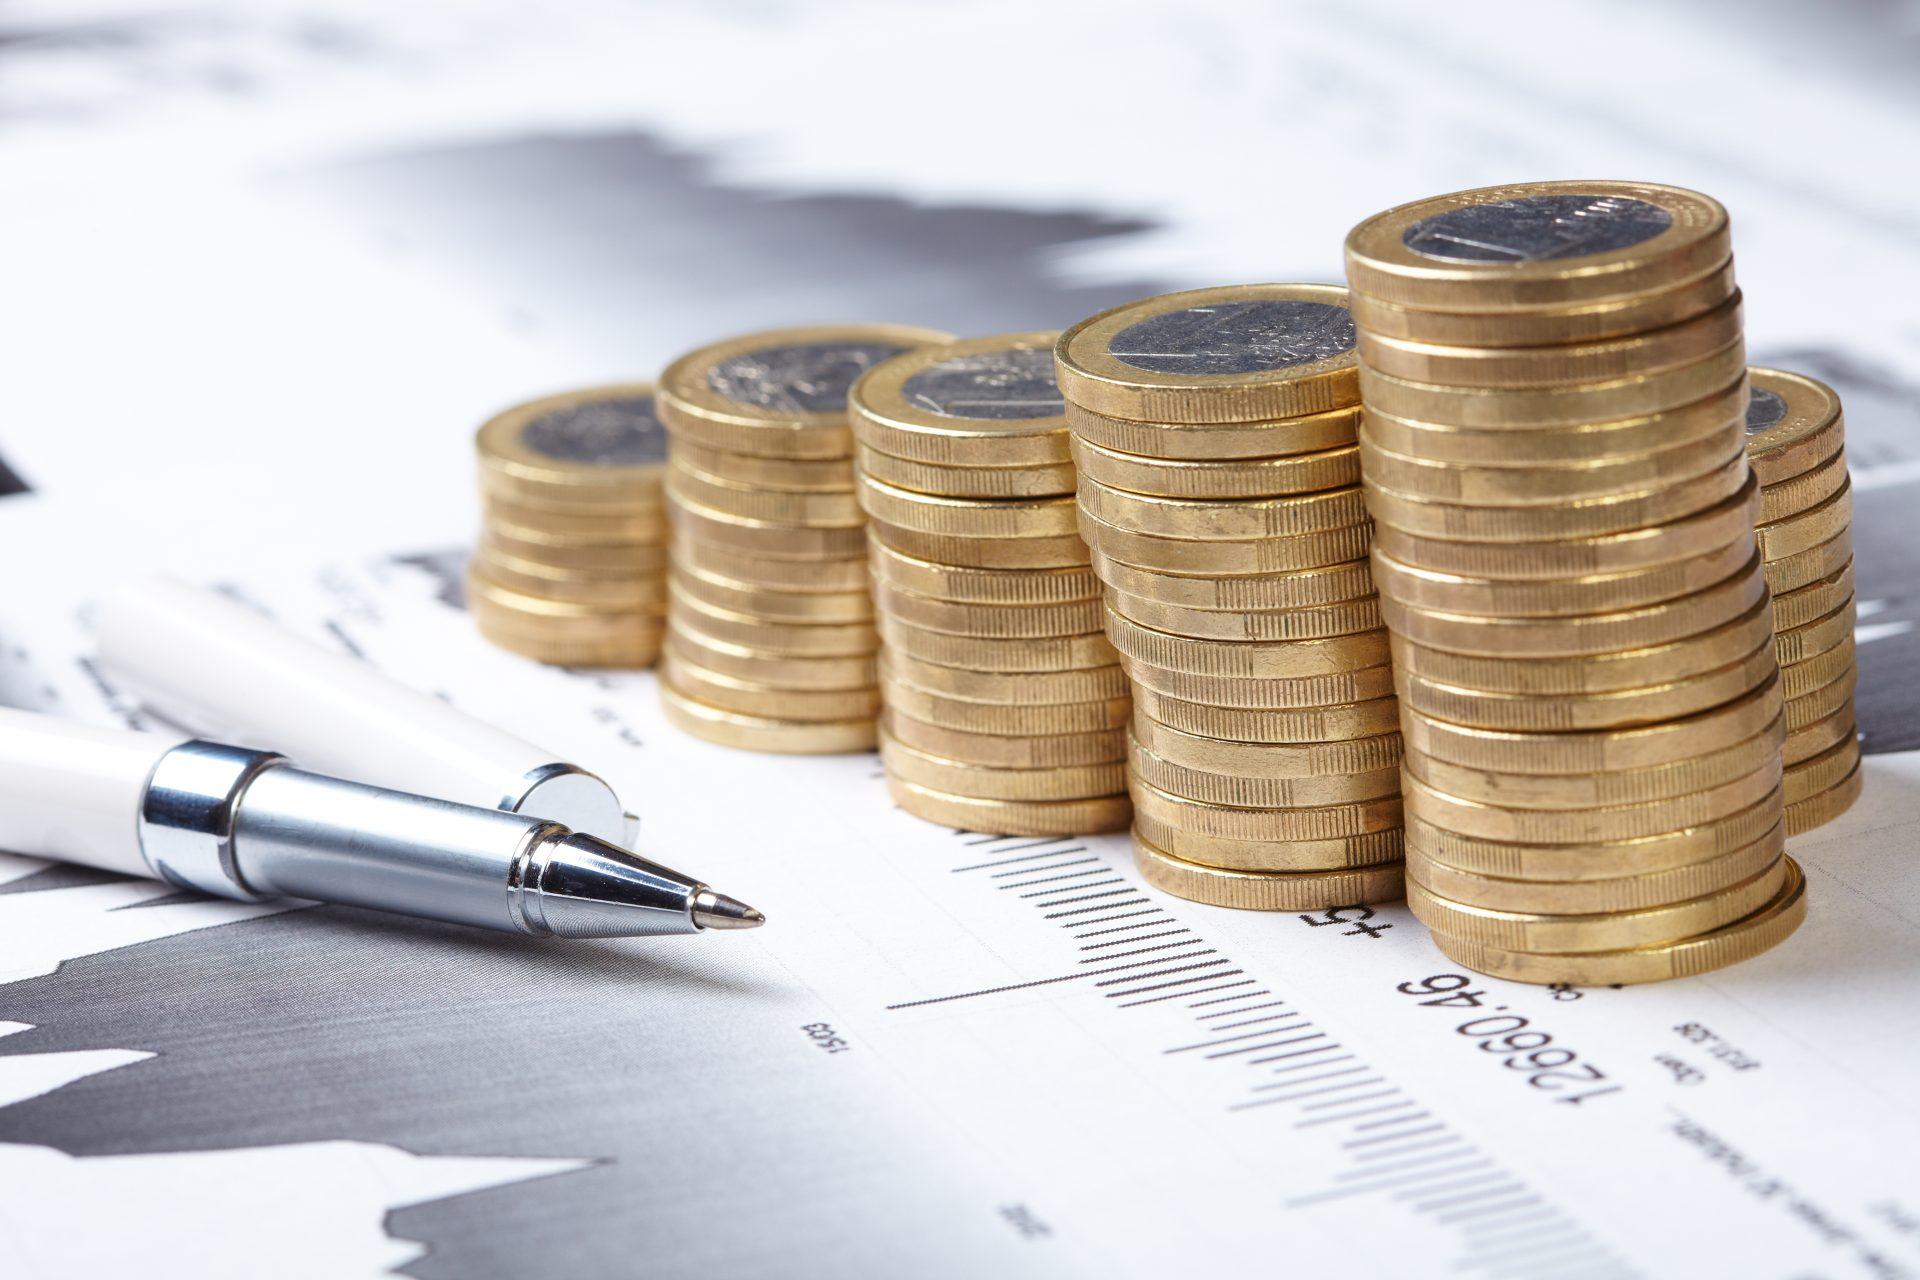 eurofarma-lanca-fundo-de-investimento